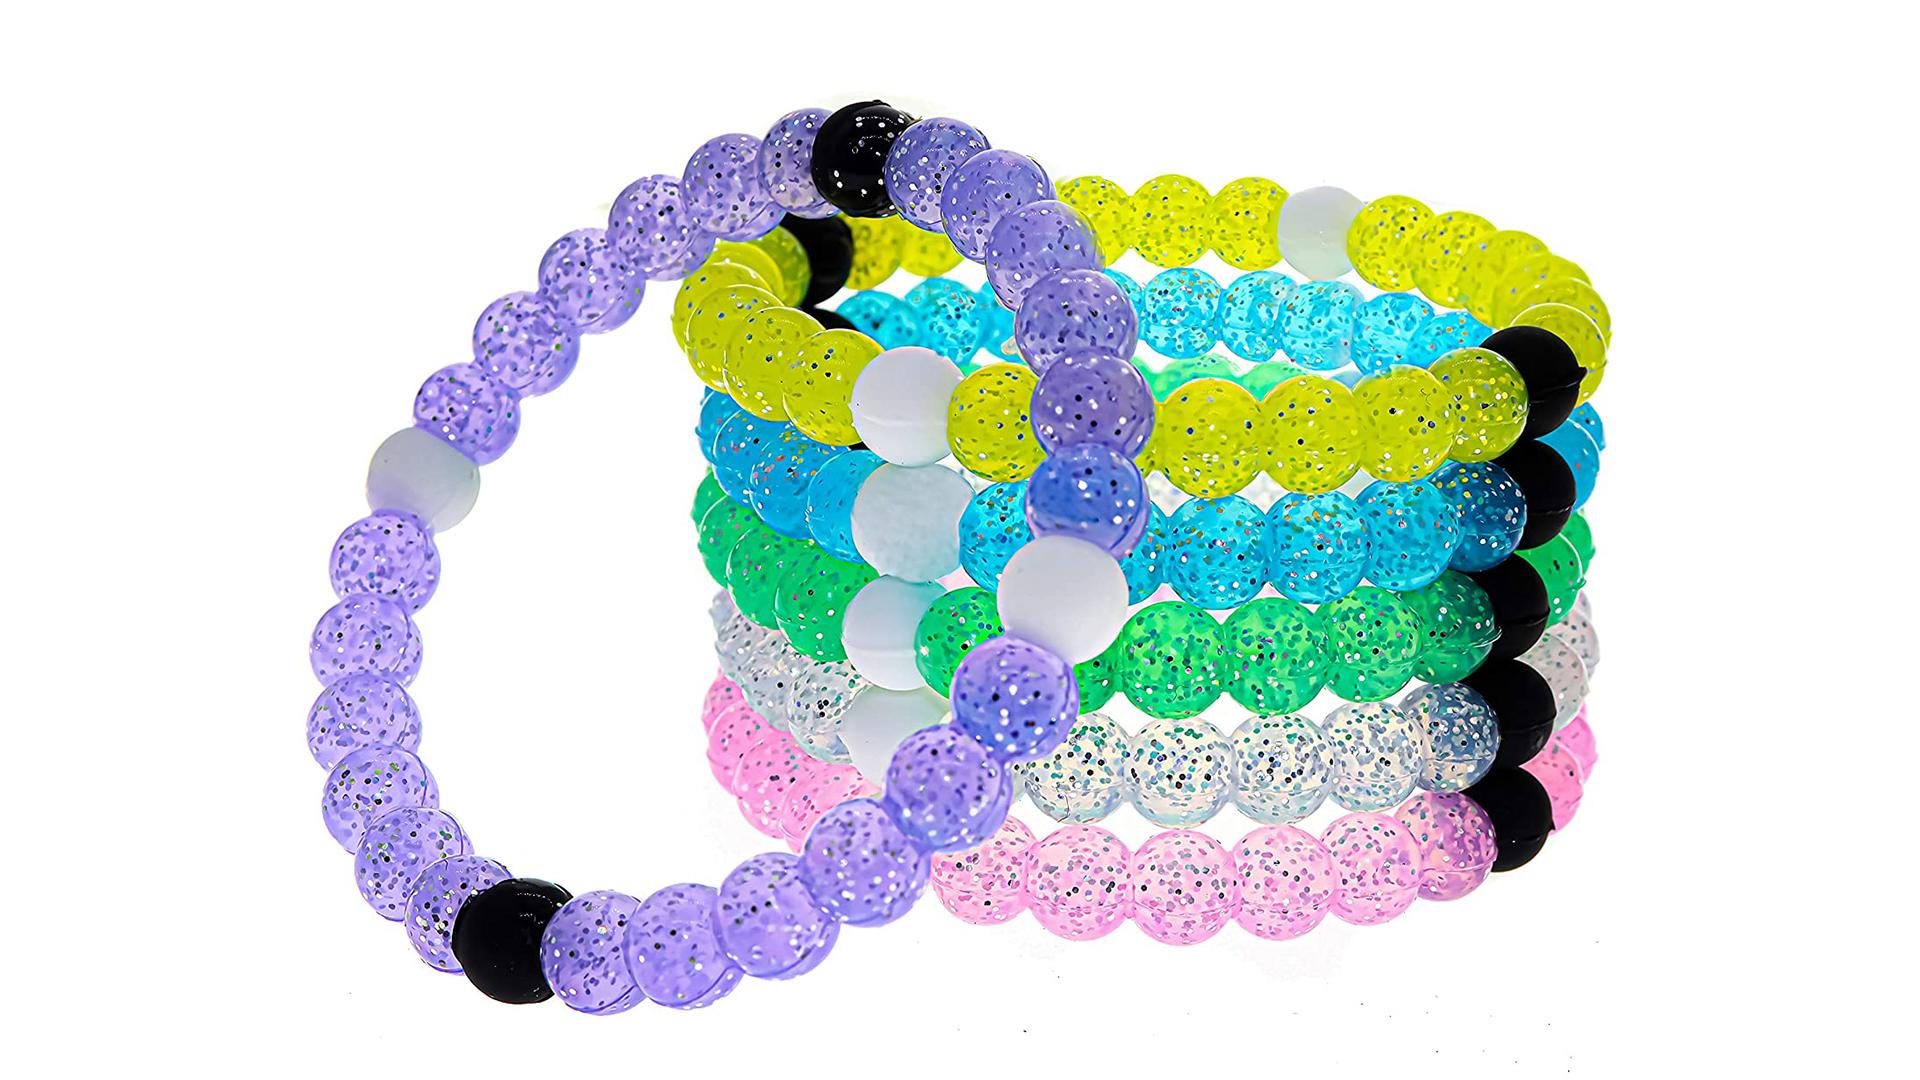 Bracelet en silicone UV Solar Solar Perles de silicone réactif Bracelet Changement de couleur dans le Sun DH-Silicone Fabricants